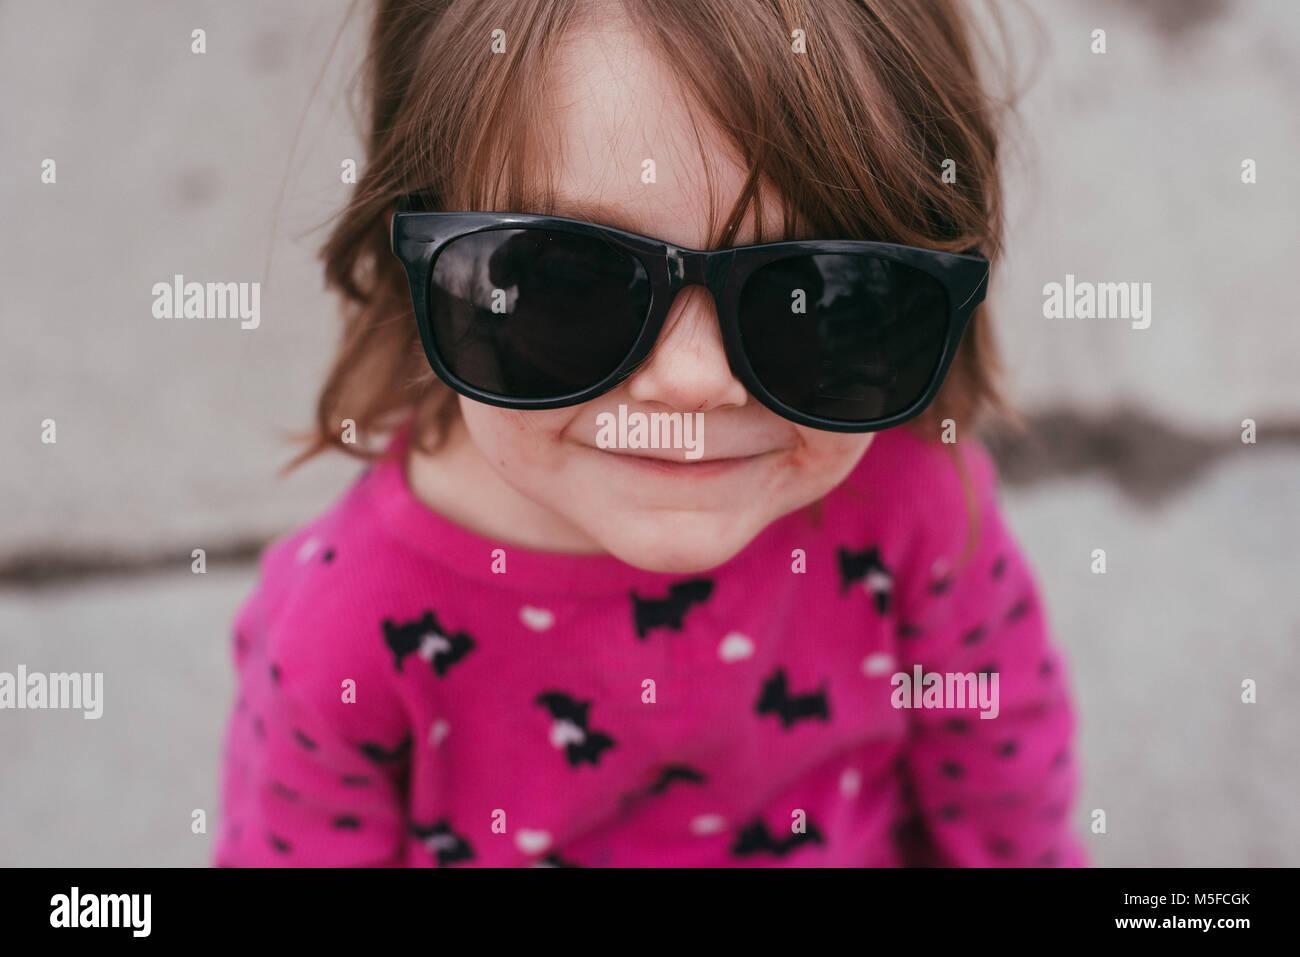 Ein Kleinkind Mädchen mit einem rosa Hemd und Sonnenbrille, stehend auf einem Bürgersteig an einem warmen, Stockbild